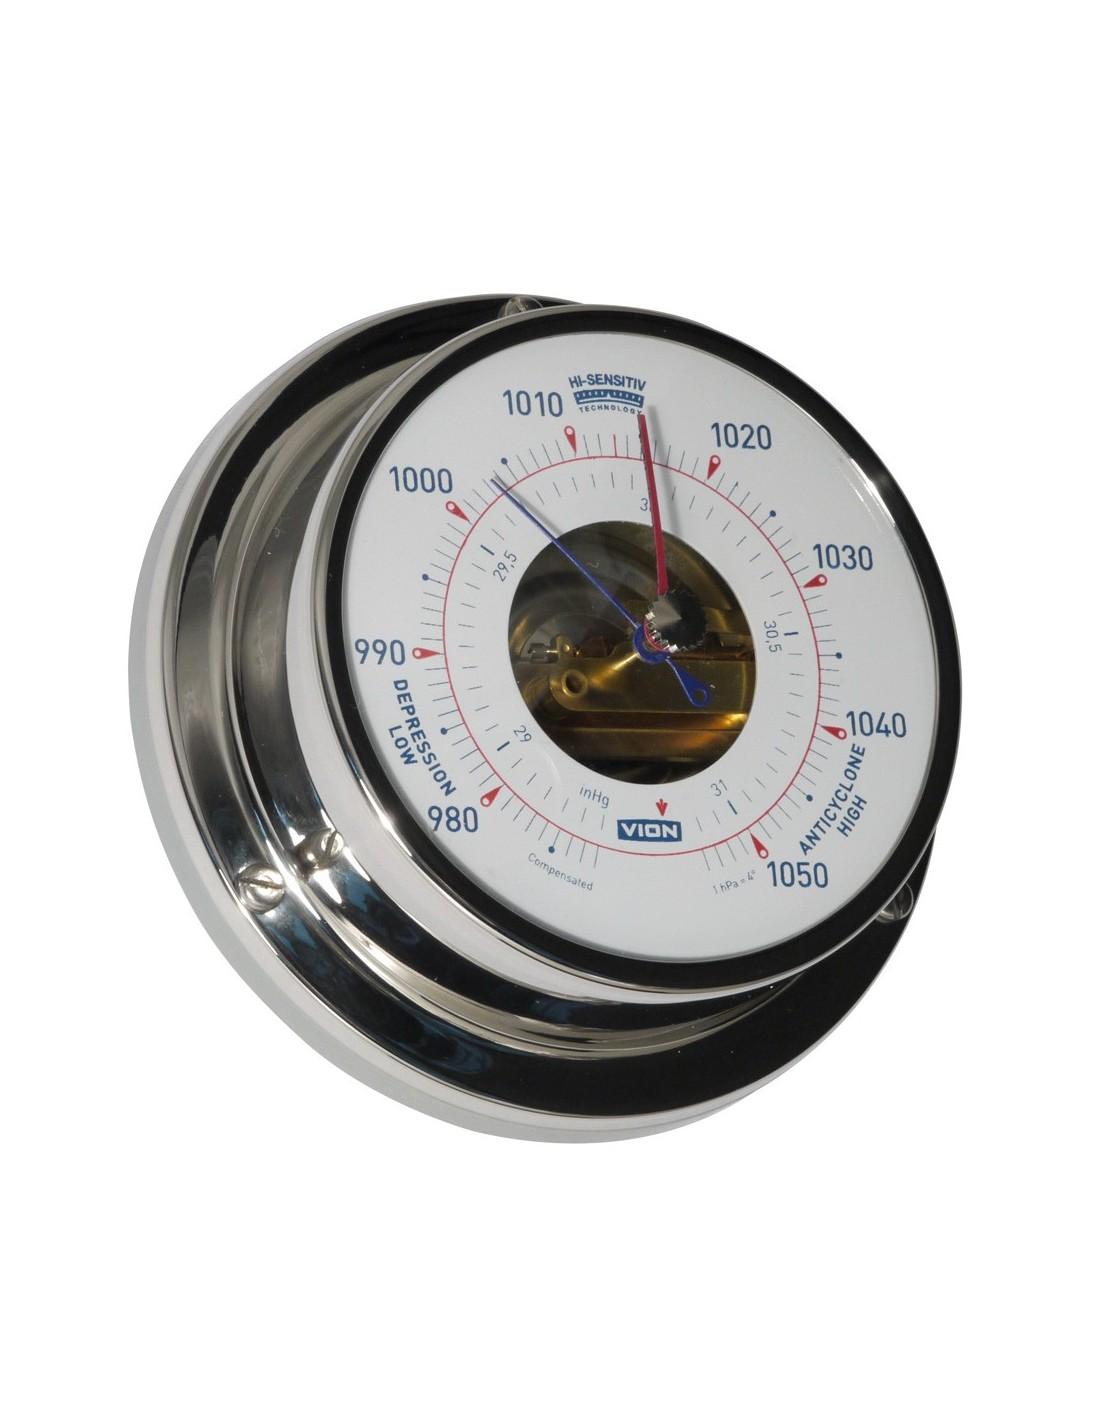 Barometer - Glanzend RVS - 97 mm - VION - Scheepsinstrumenten - A080 B